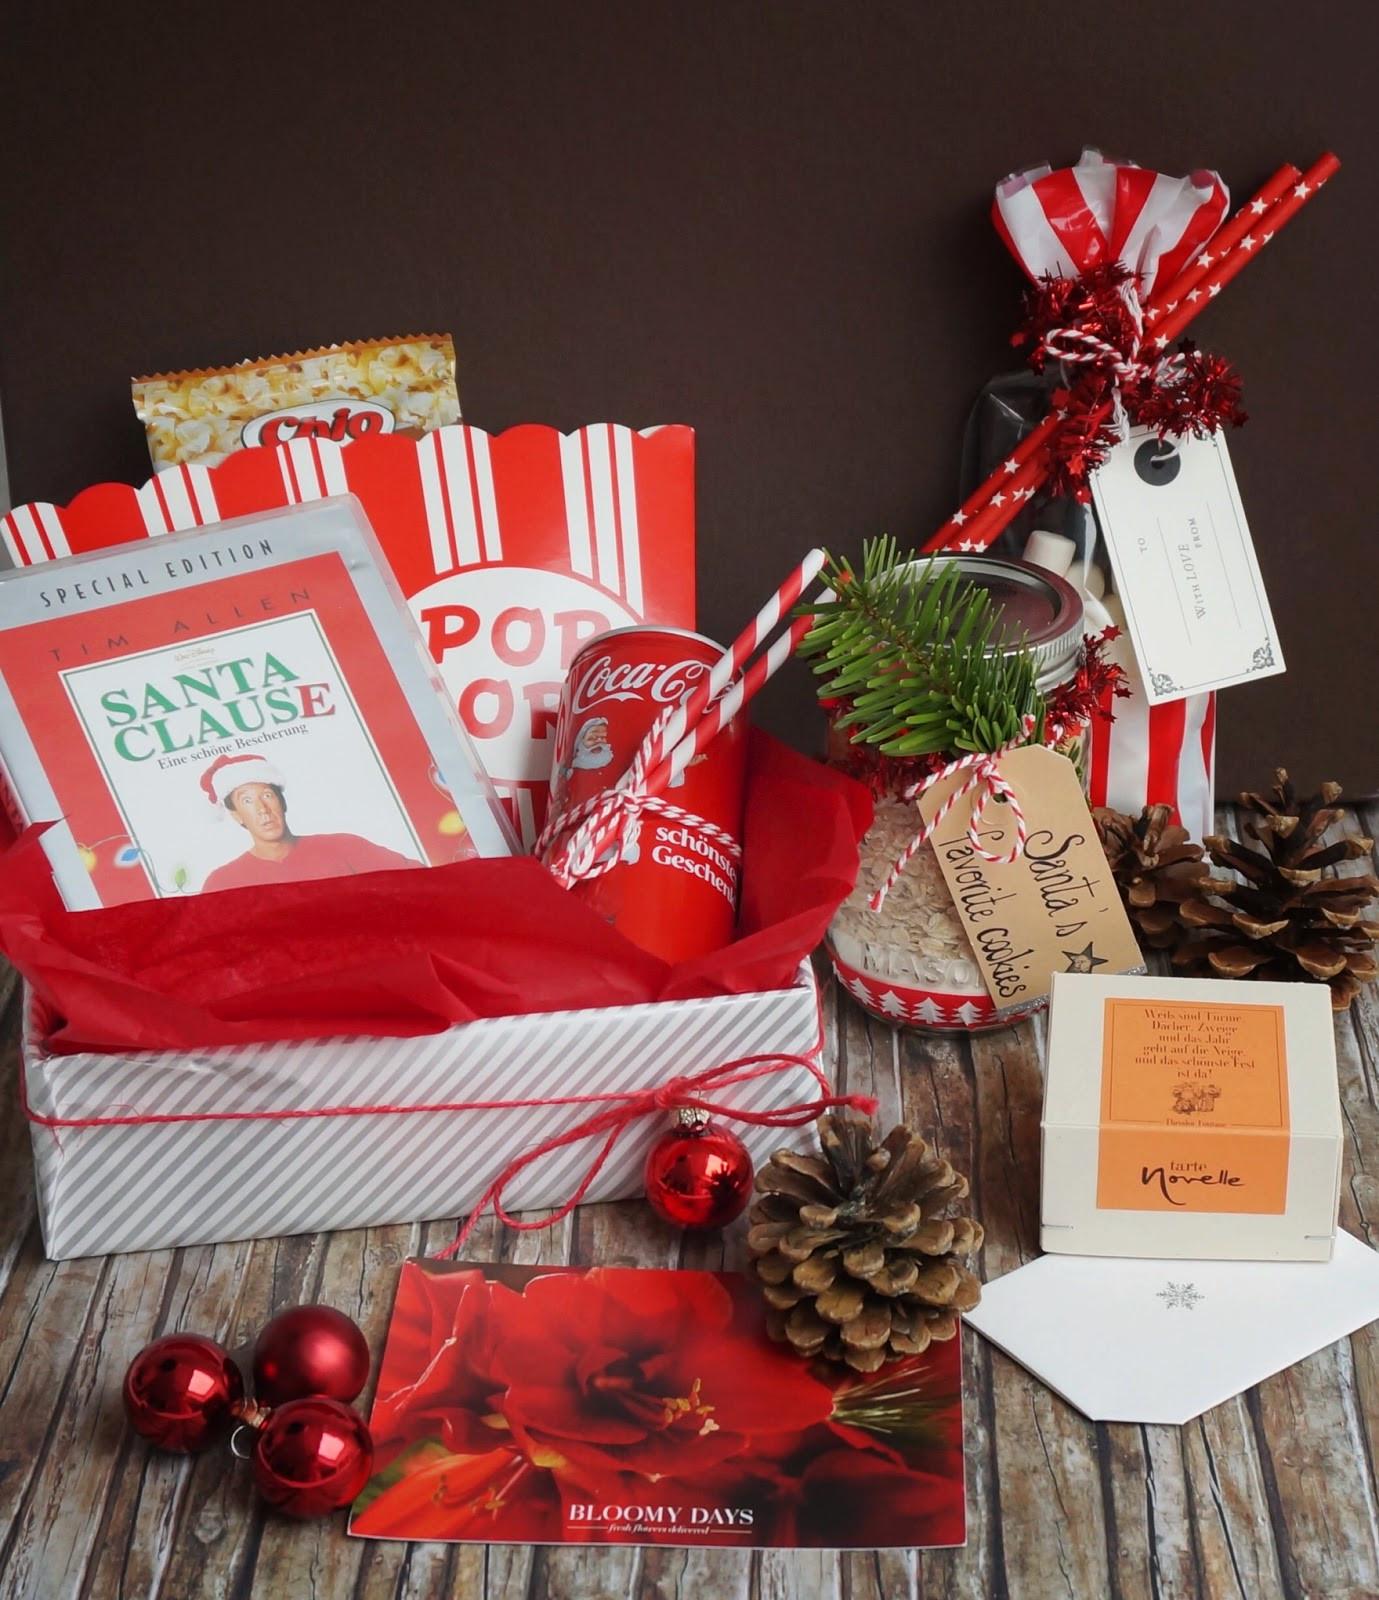 Geschenke Zum Nikolaus  Geschenke zum nikolaus ideen – Beliebte Geschenke für Ihre